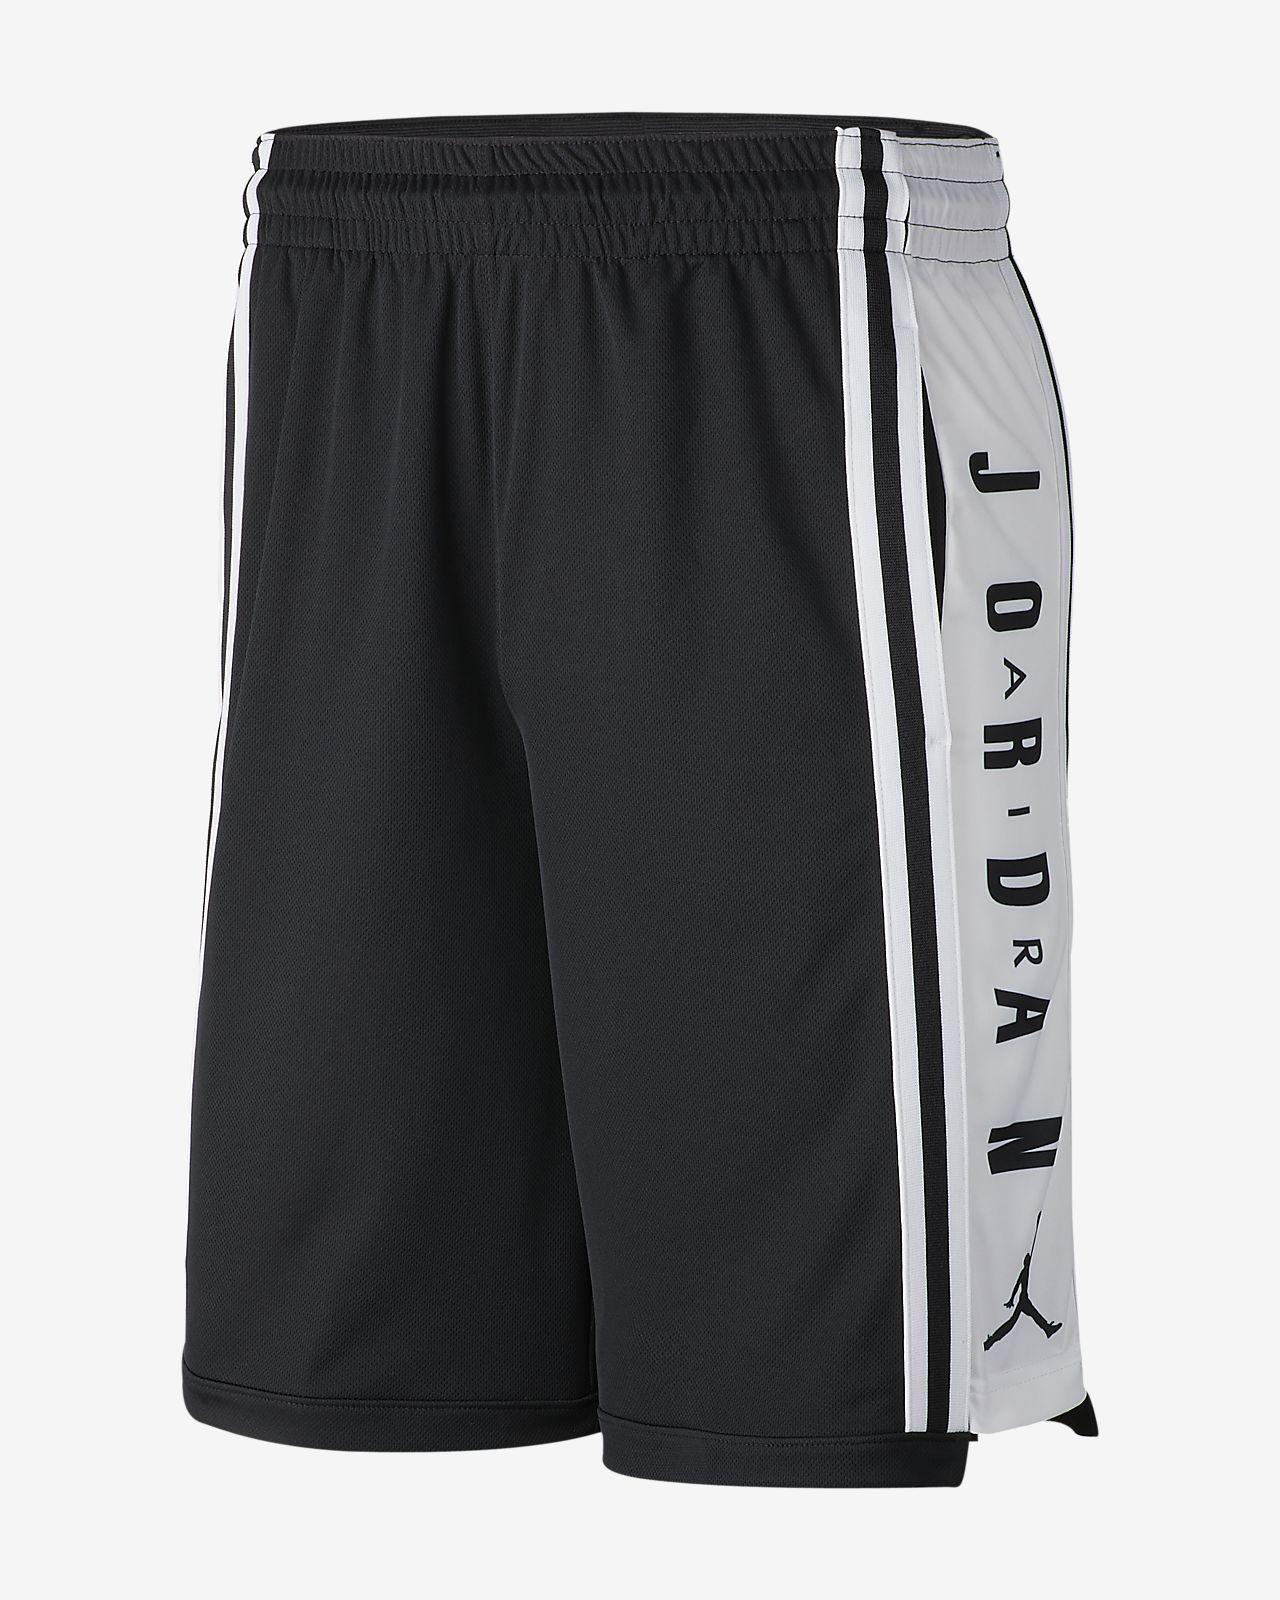 Calções de basquetebol Jordan para homem